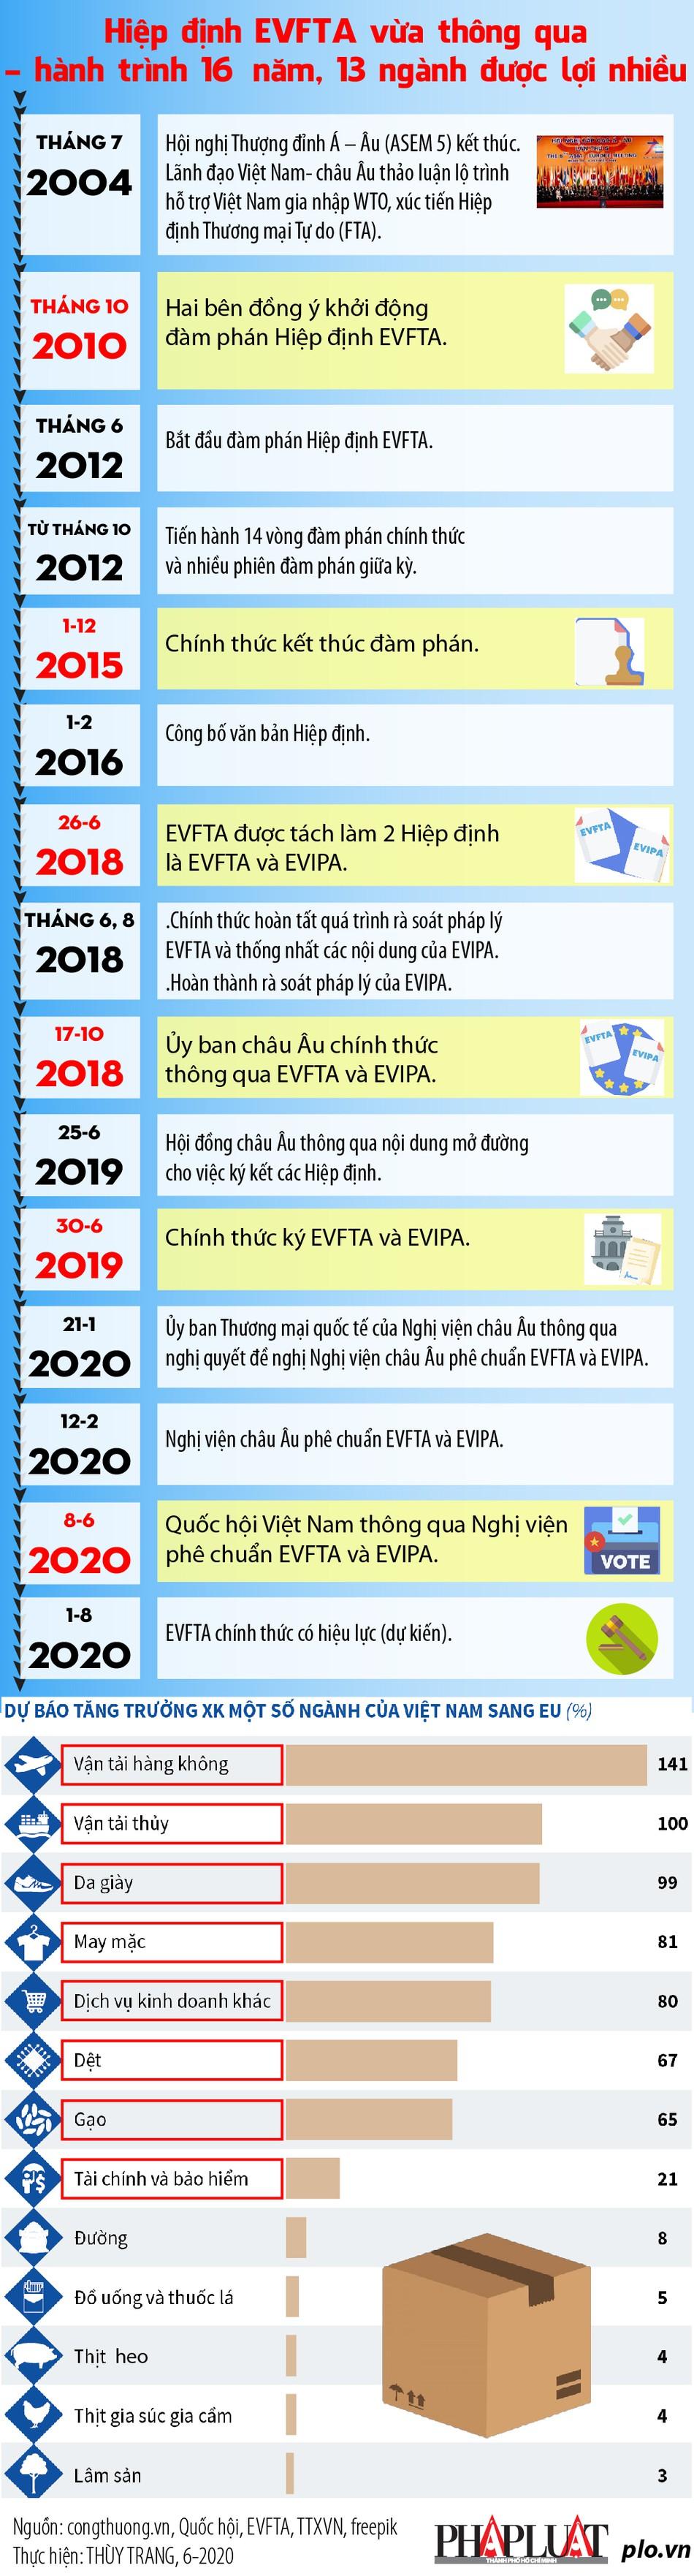 [Infographics] Hiệp định EVFTA: Hành trình 10 năm và 13 ngành được lợi nhiều - Ảnh 1